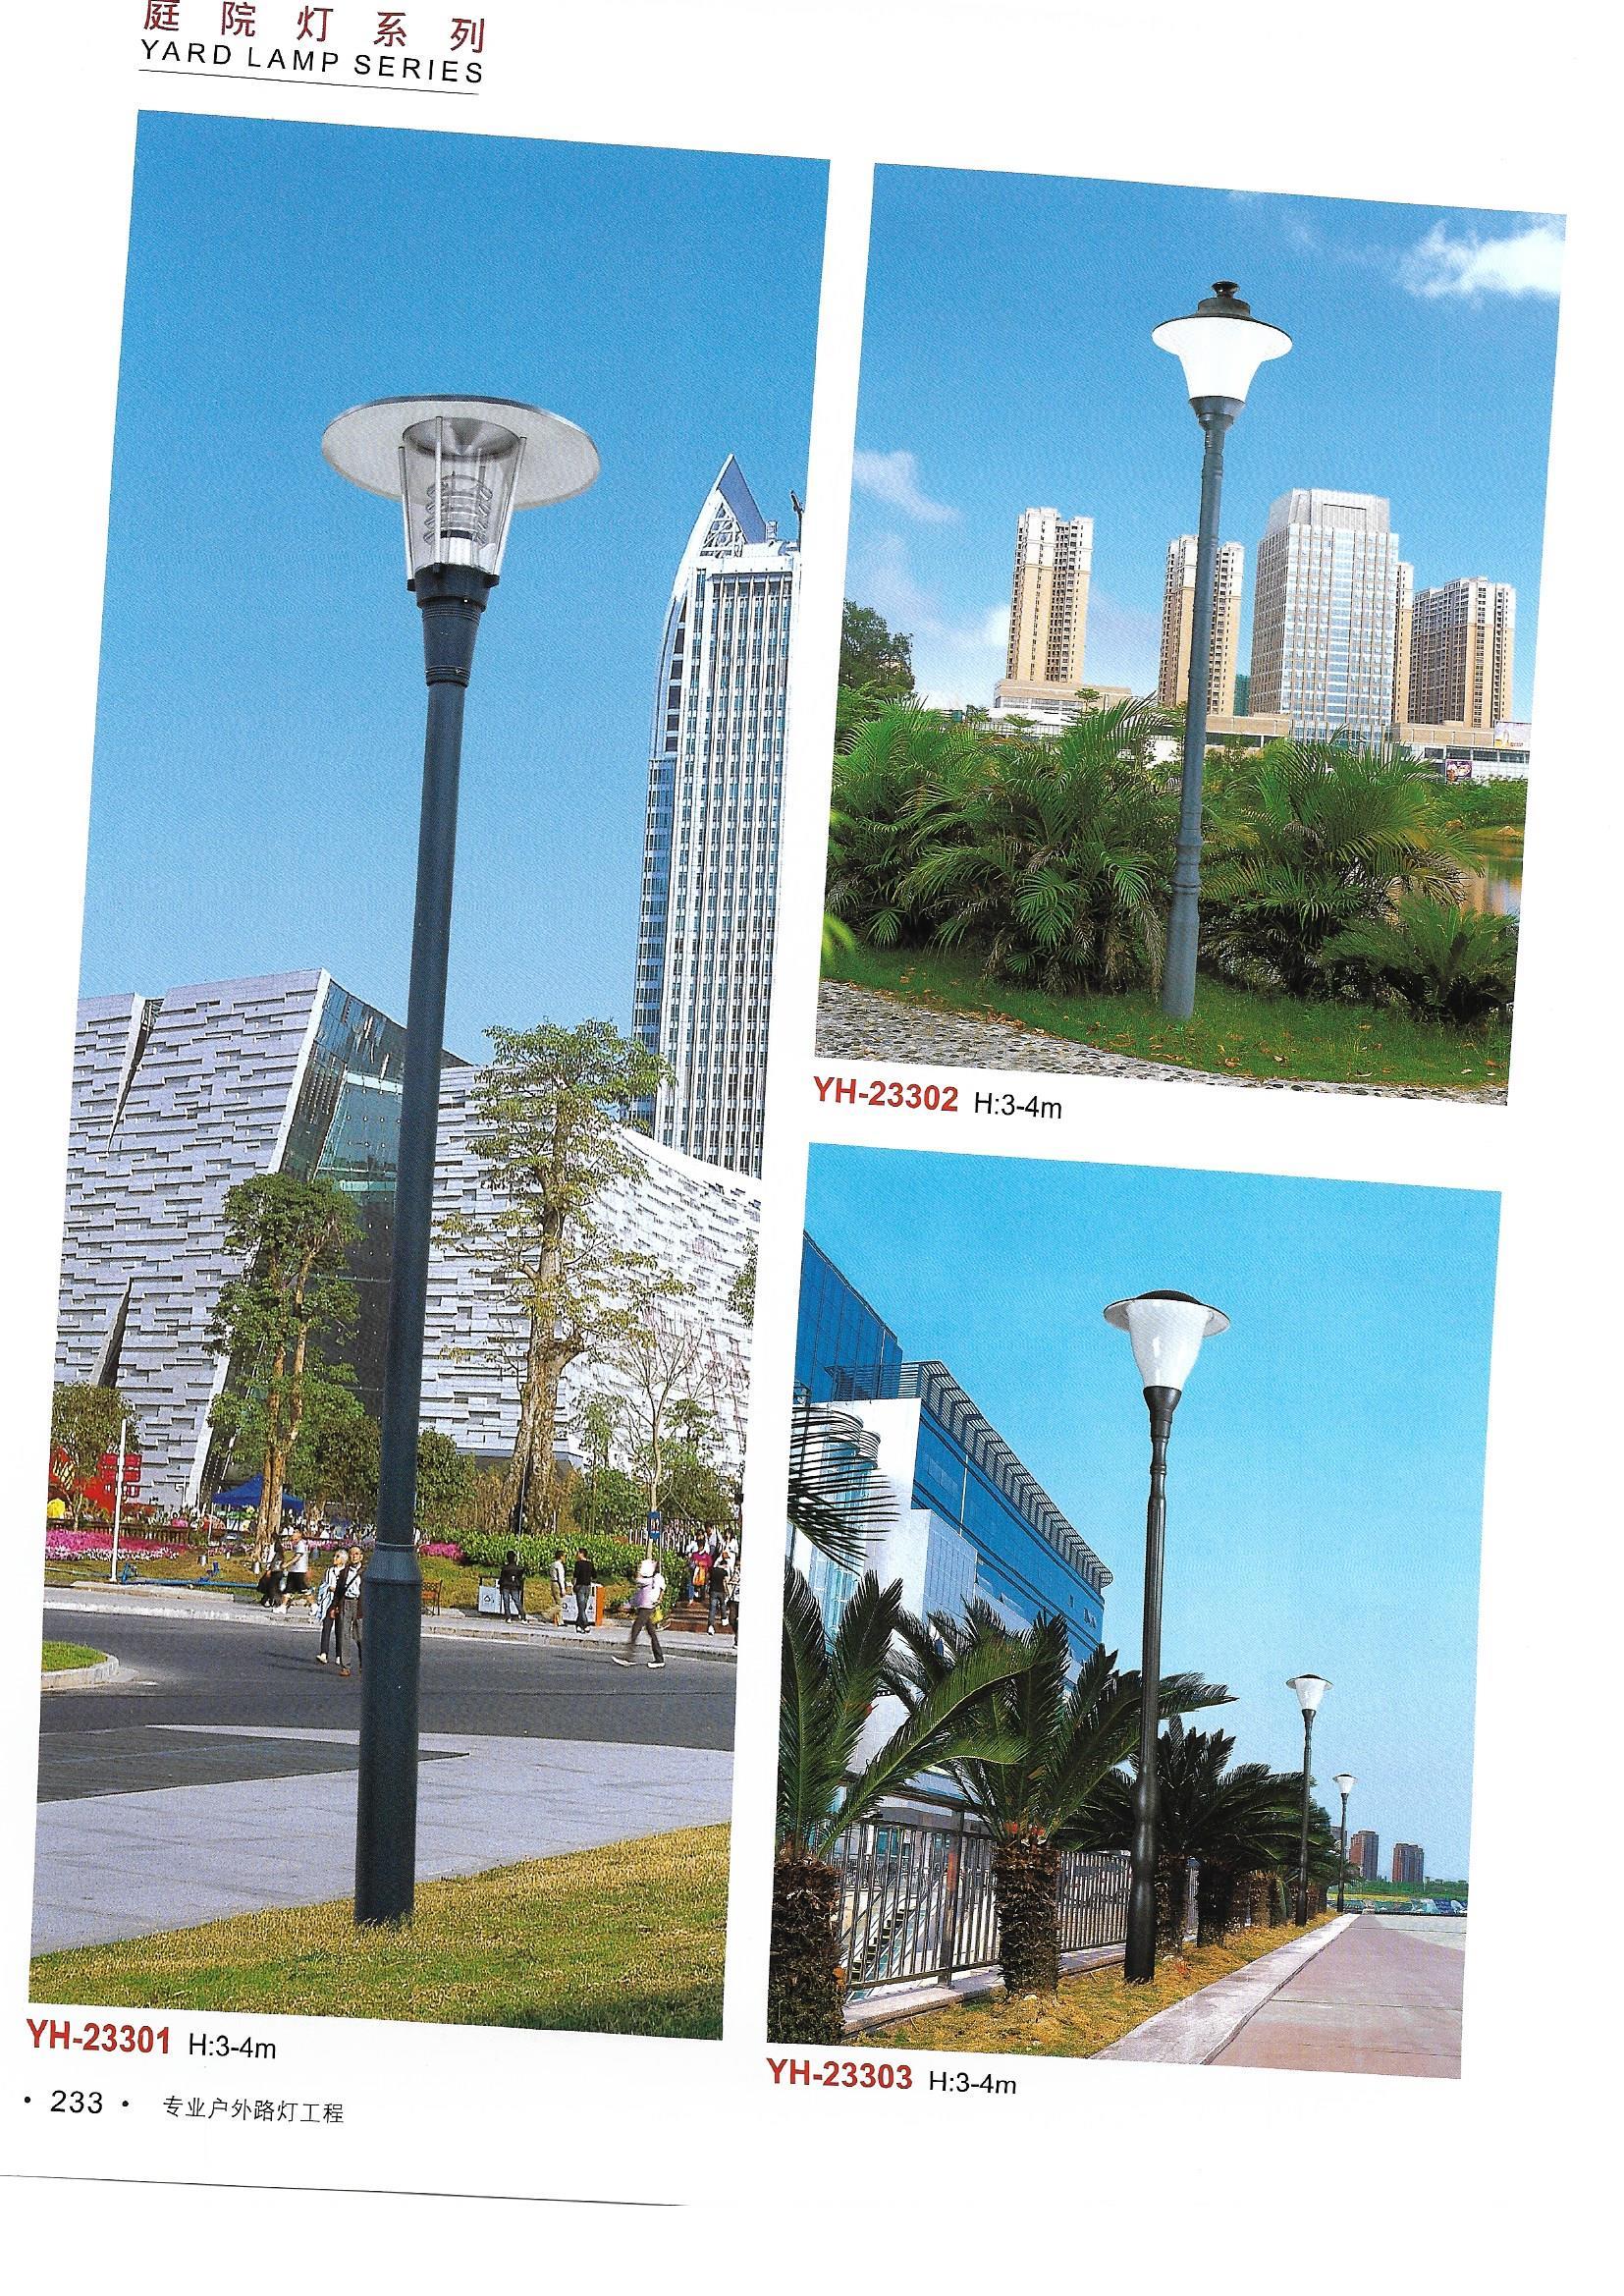 Đèn cột sân, vườn - Yard Lamp series